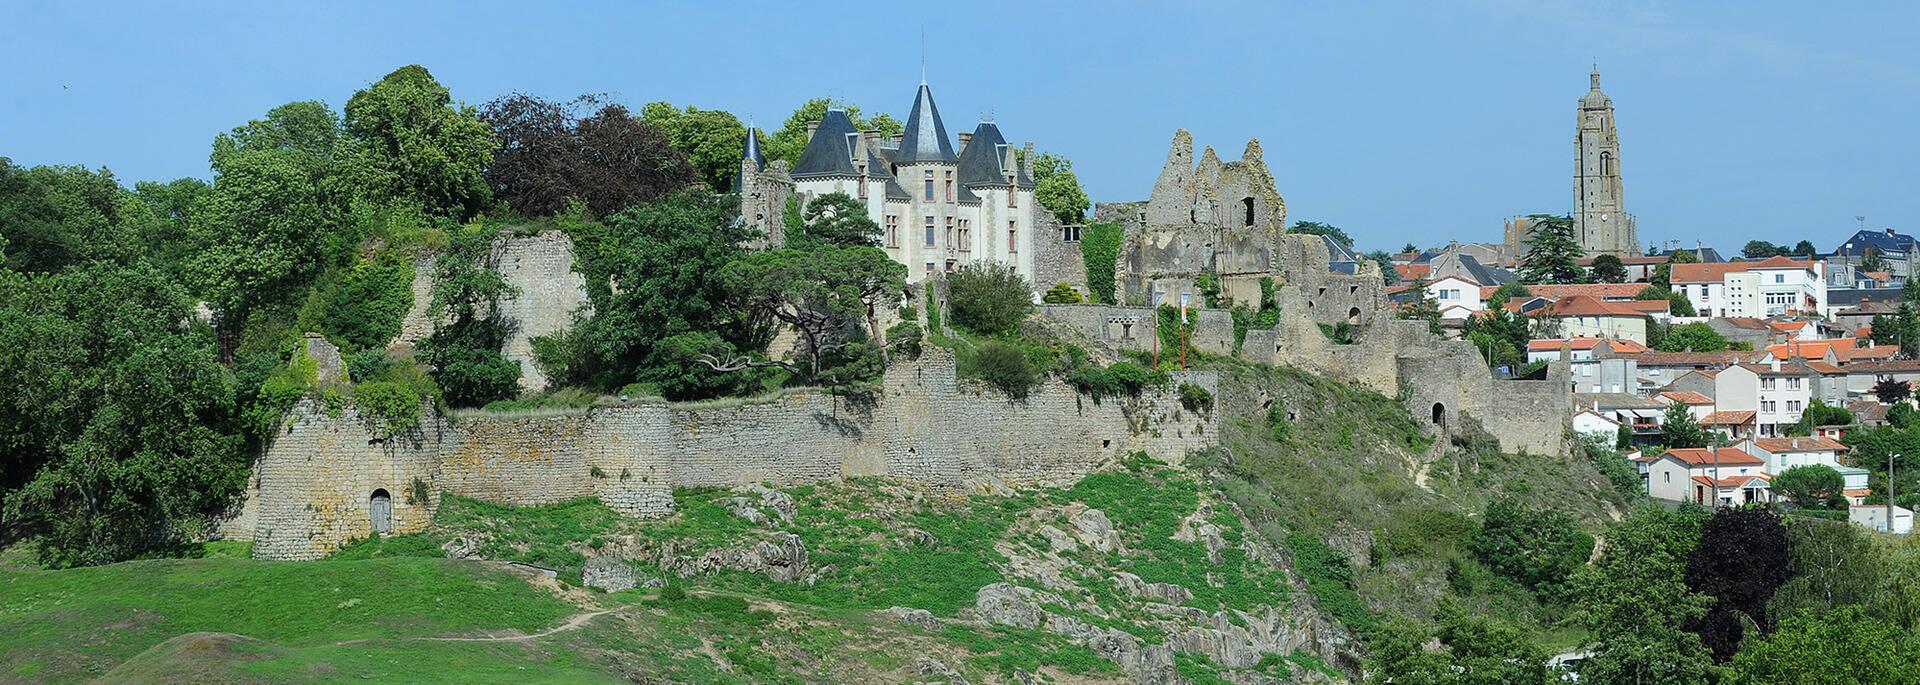 Château de Bressuire - Journées du Patrimoine en Bocage Bressuirais